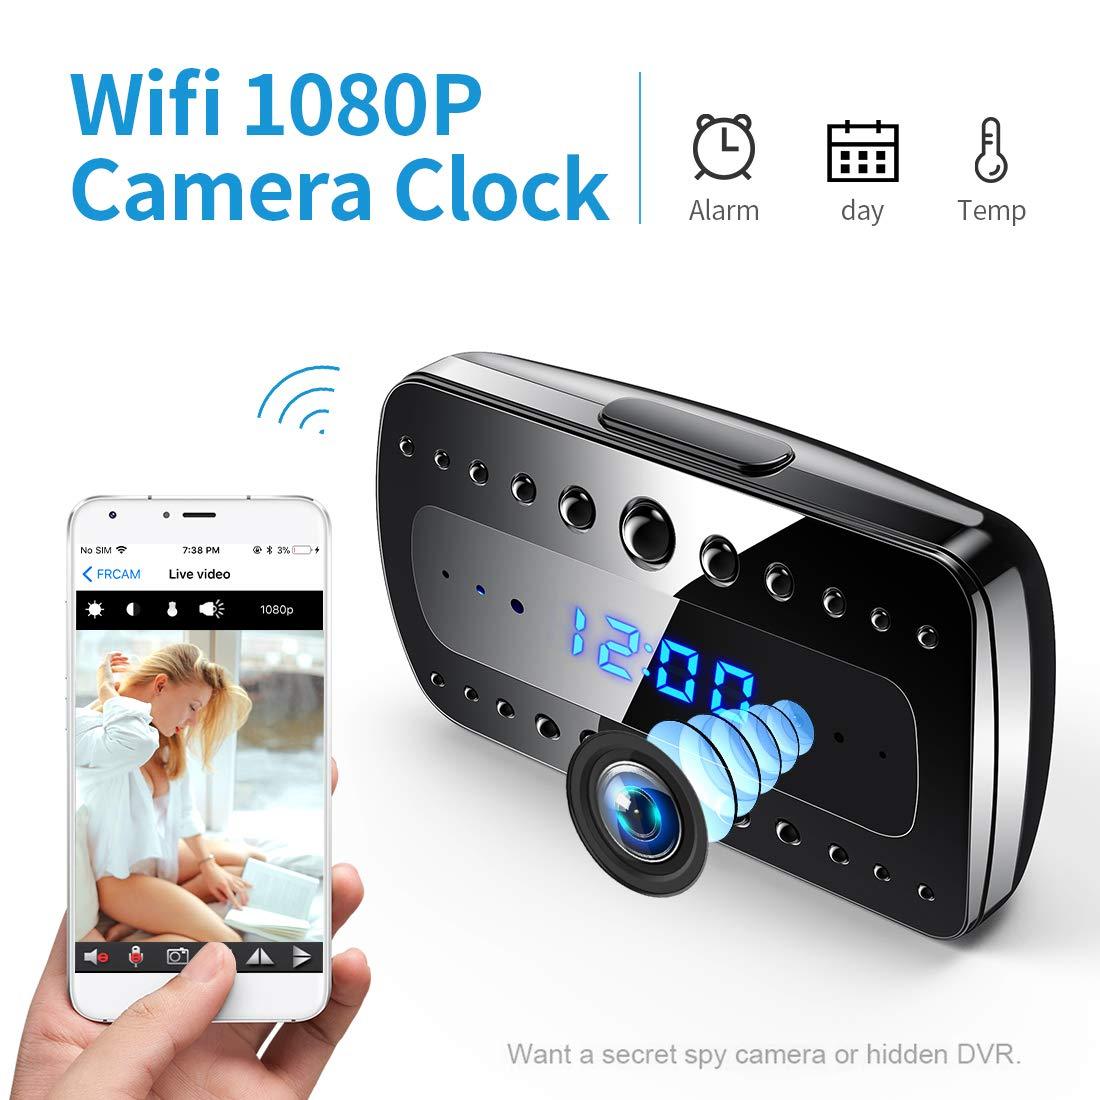 Cámara espía FREDI, 1080P HD WiFi Cámara Oculta Despertador Mini cámara espía, Cámaras de vigilancia Seguridad domésticas inalámbricas Alarma/Visión Nocturna/Detección de Movimiento product image